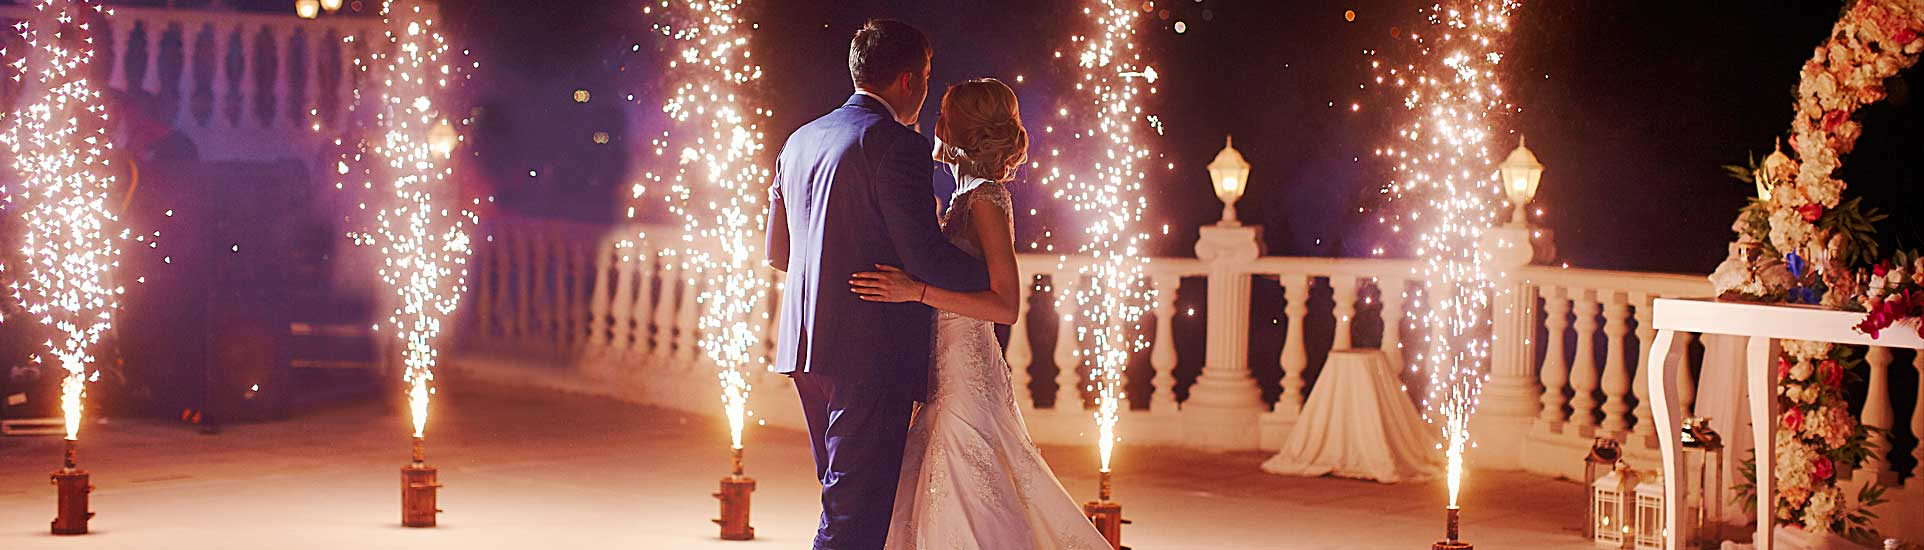 rhodes-wedding-services-fountain-fireworks-header